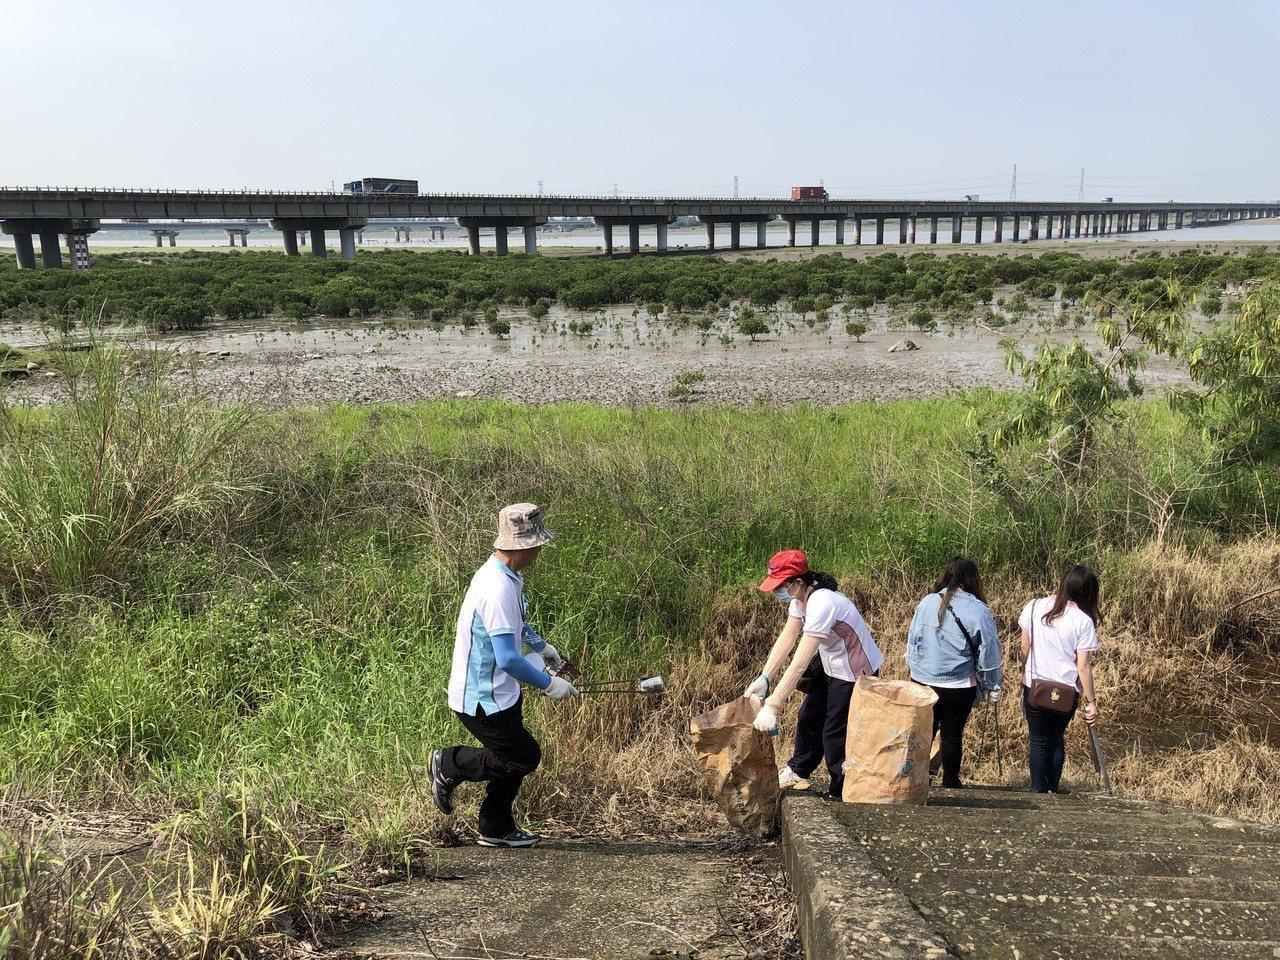 光田醫院醫護人員淨灘,包括夫妻檔一起拾垃圾,維護環境。記者游振昇/攝影